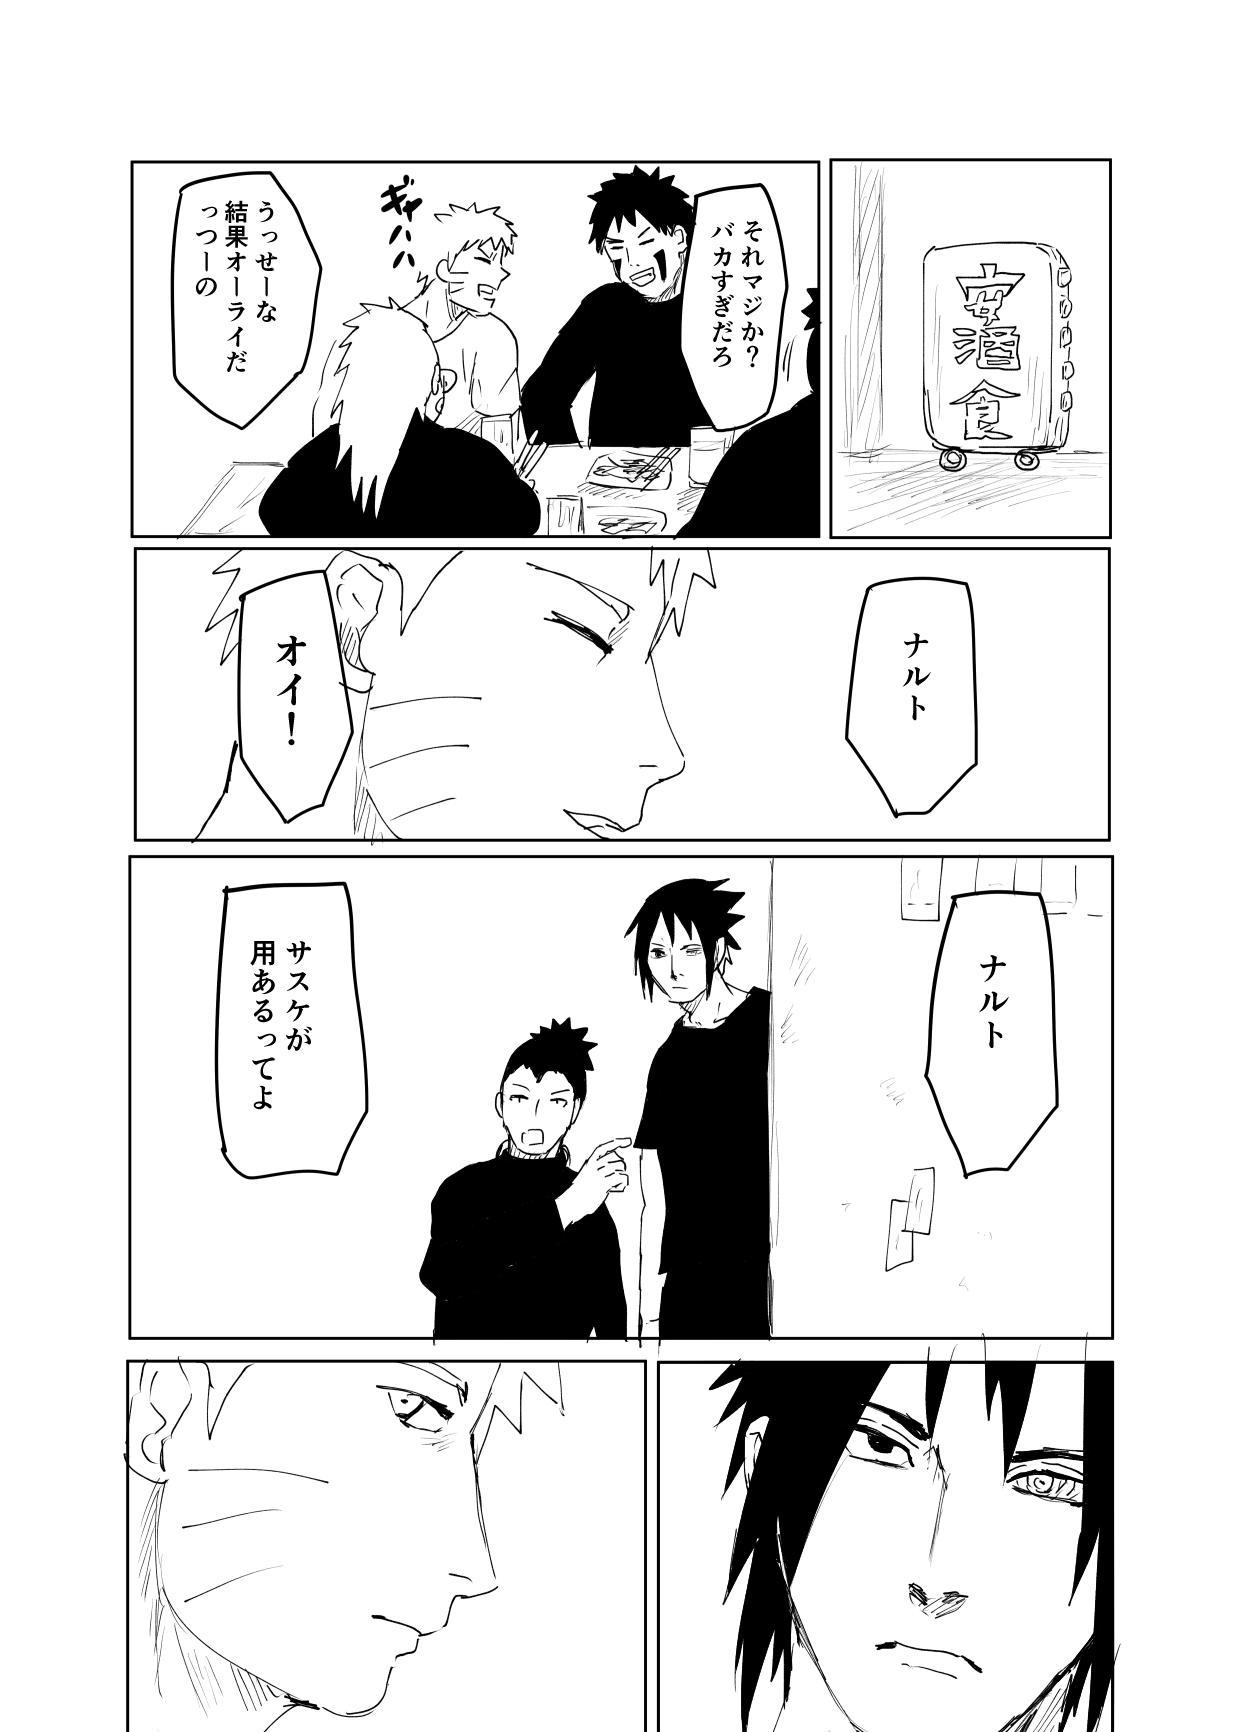 嘘告白漫画 58